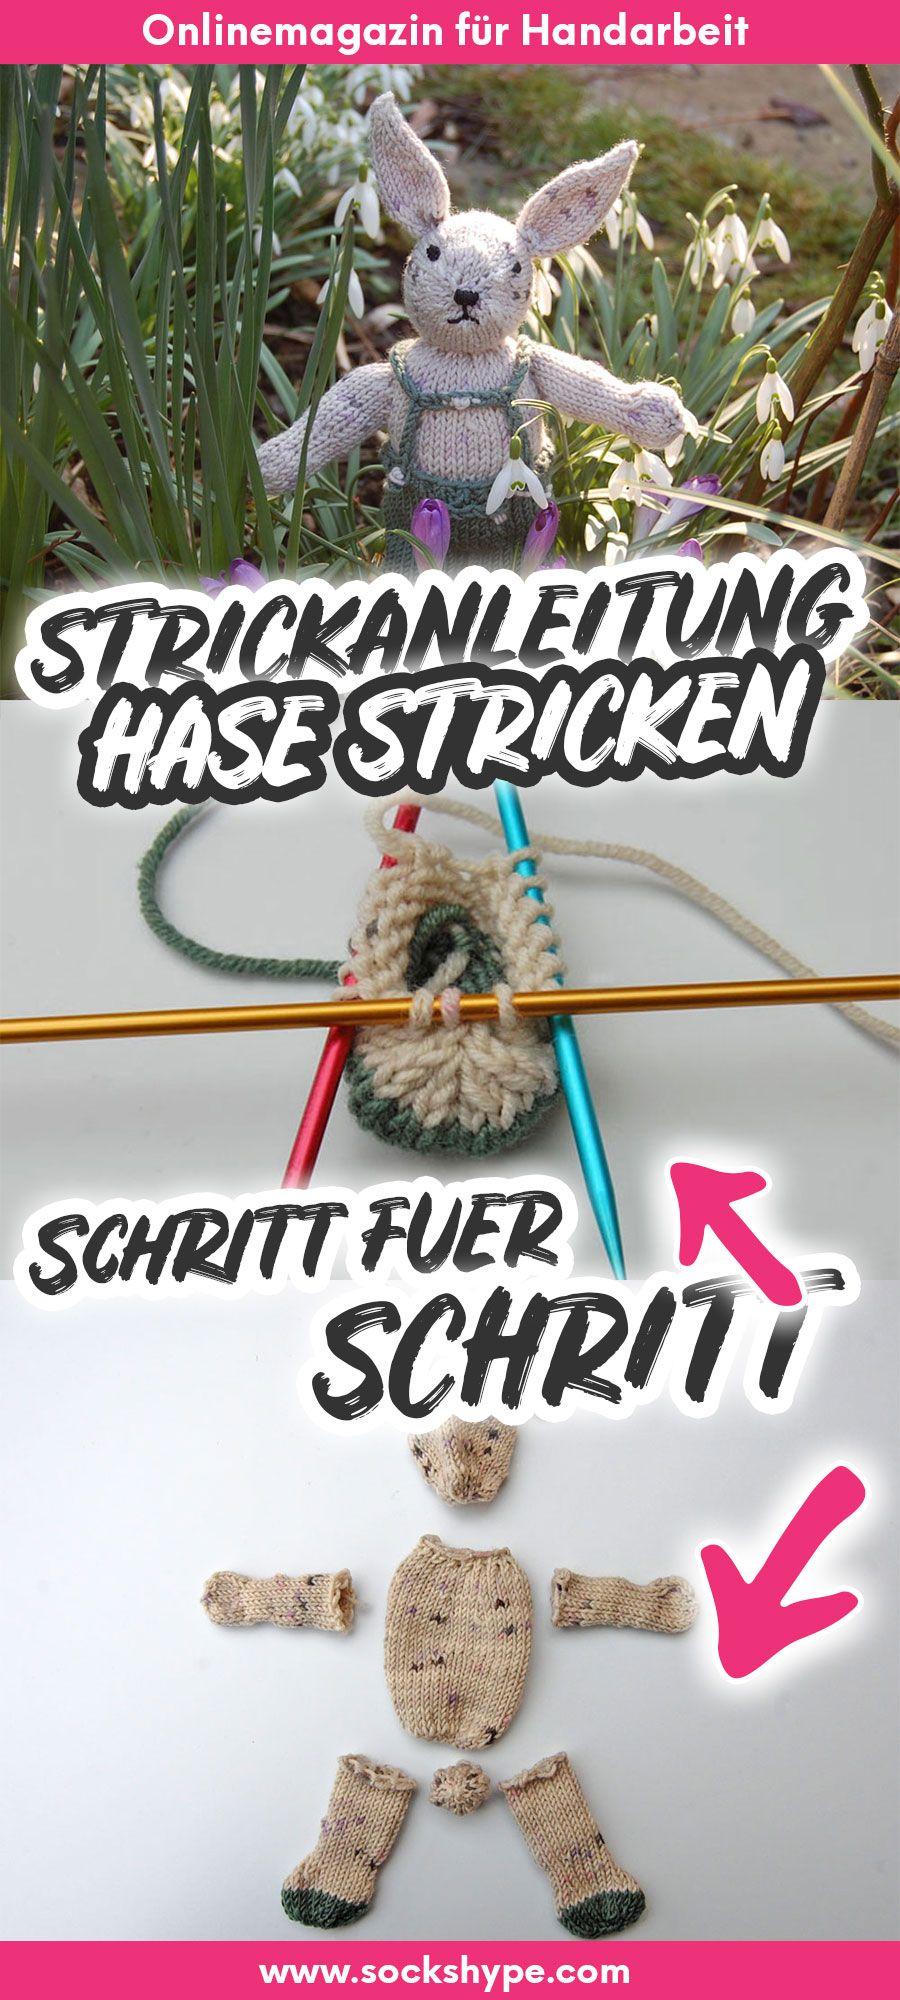 Photo of ▷ Anleitung: Hase in 7 Schritten stricken | sockshype.com